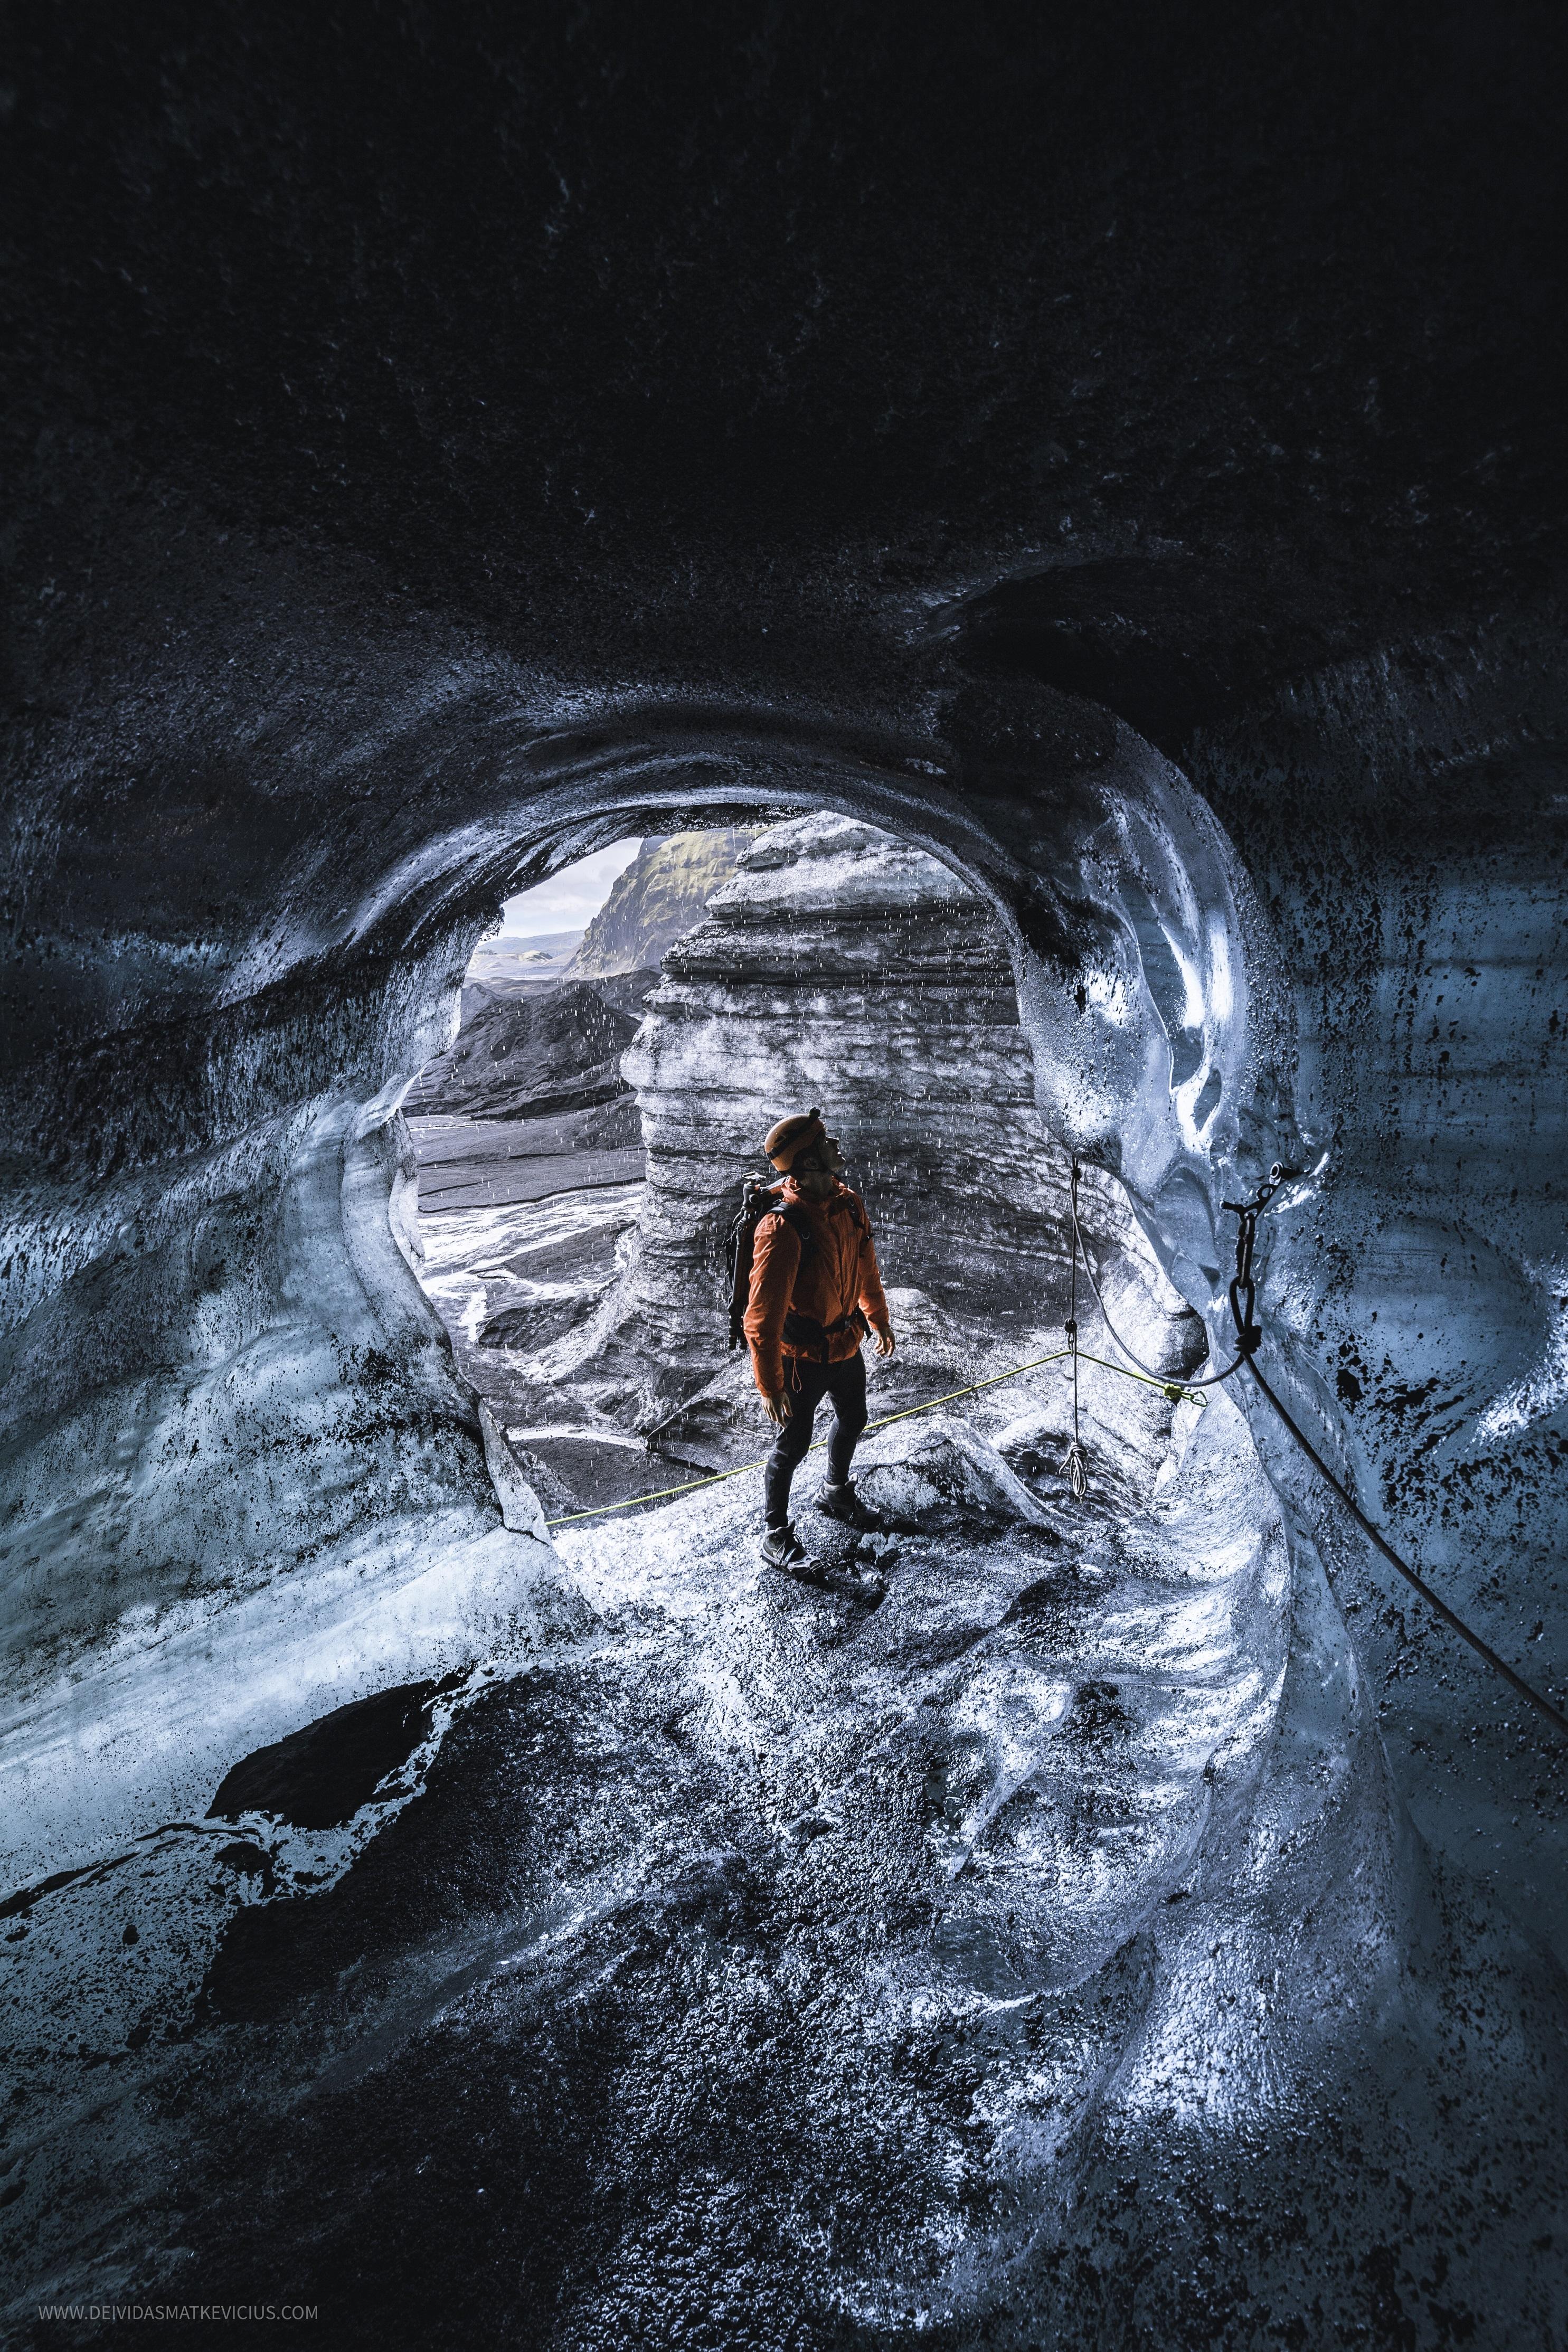 카틀라 얼음동굴은 미르달스요쿨 빙하에 자리 잡은, 아이슬란드에서는 네 번째로 거대한 얼음동굴입니다.